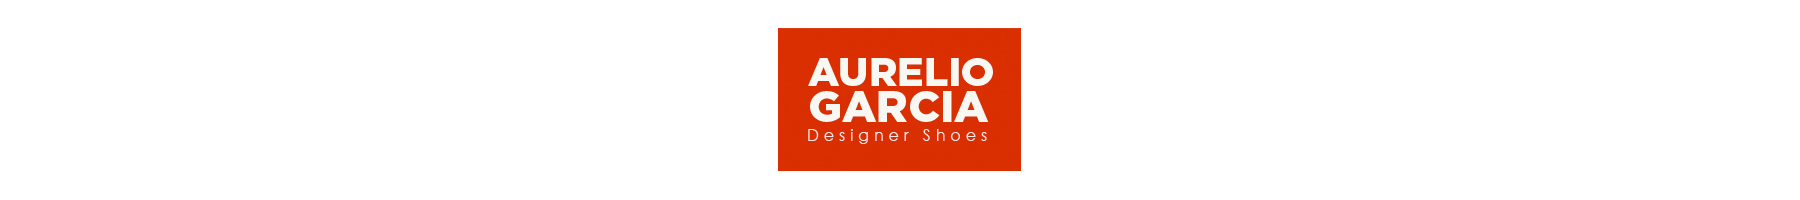 DrJays.com - Aurelio Garcia